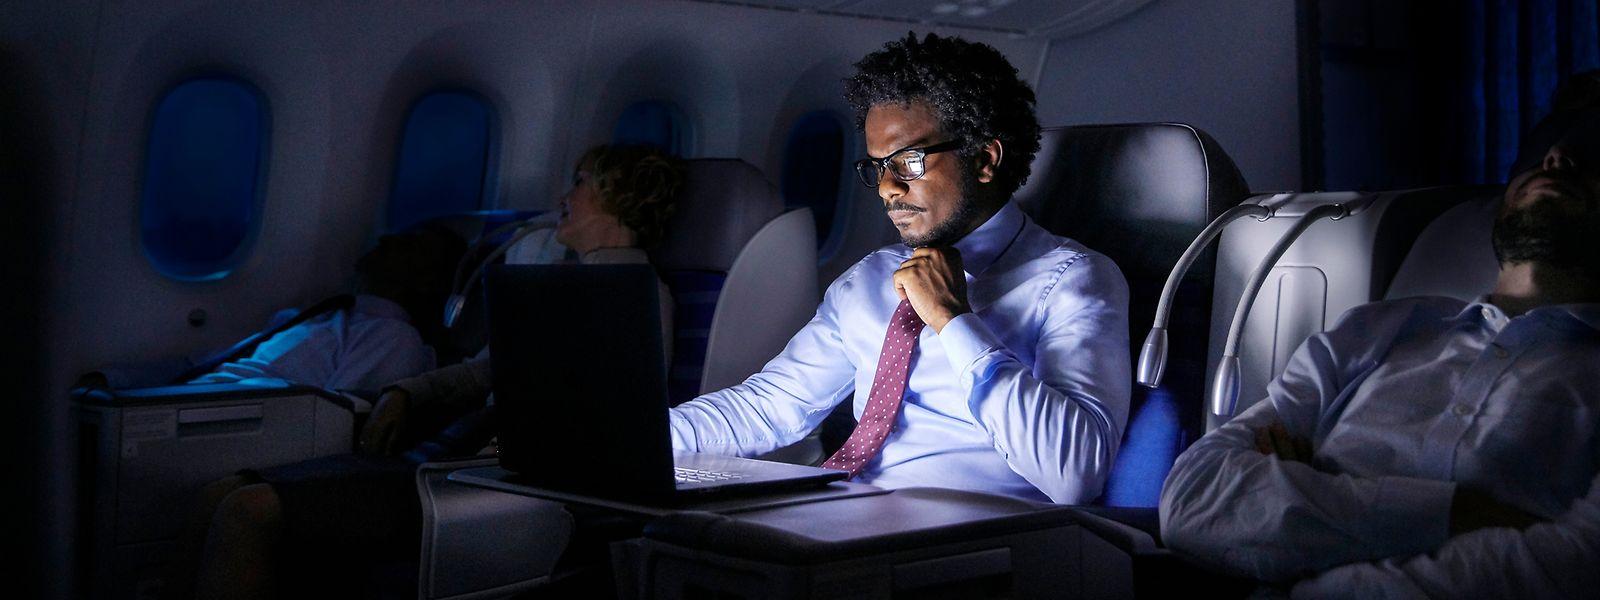 De plus en plus de passagers veulent être connectés pendant leur vol et avec une connexion de qualité pour laquelle ils sont prêts à payer